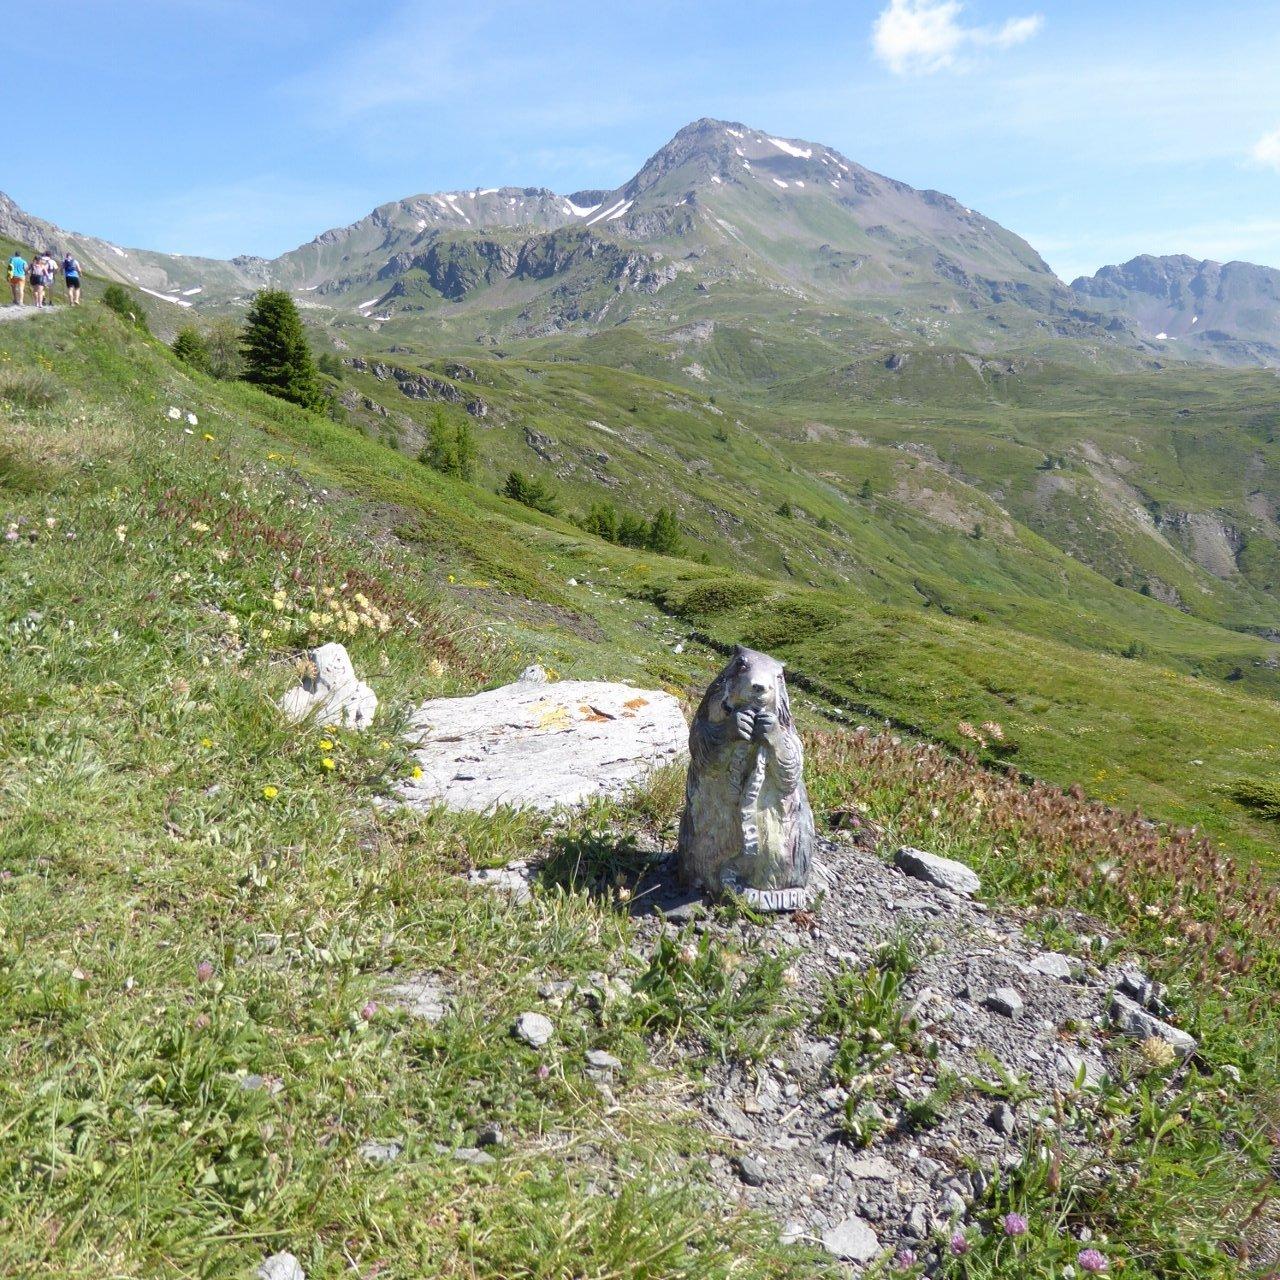 una delle numerose sculture lignee e mont Fallere